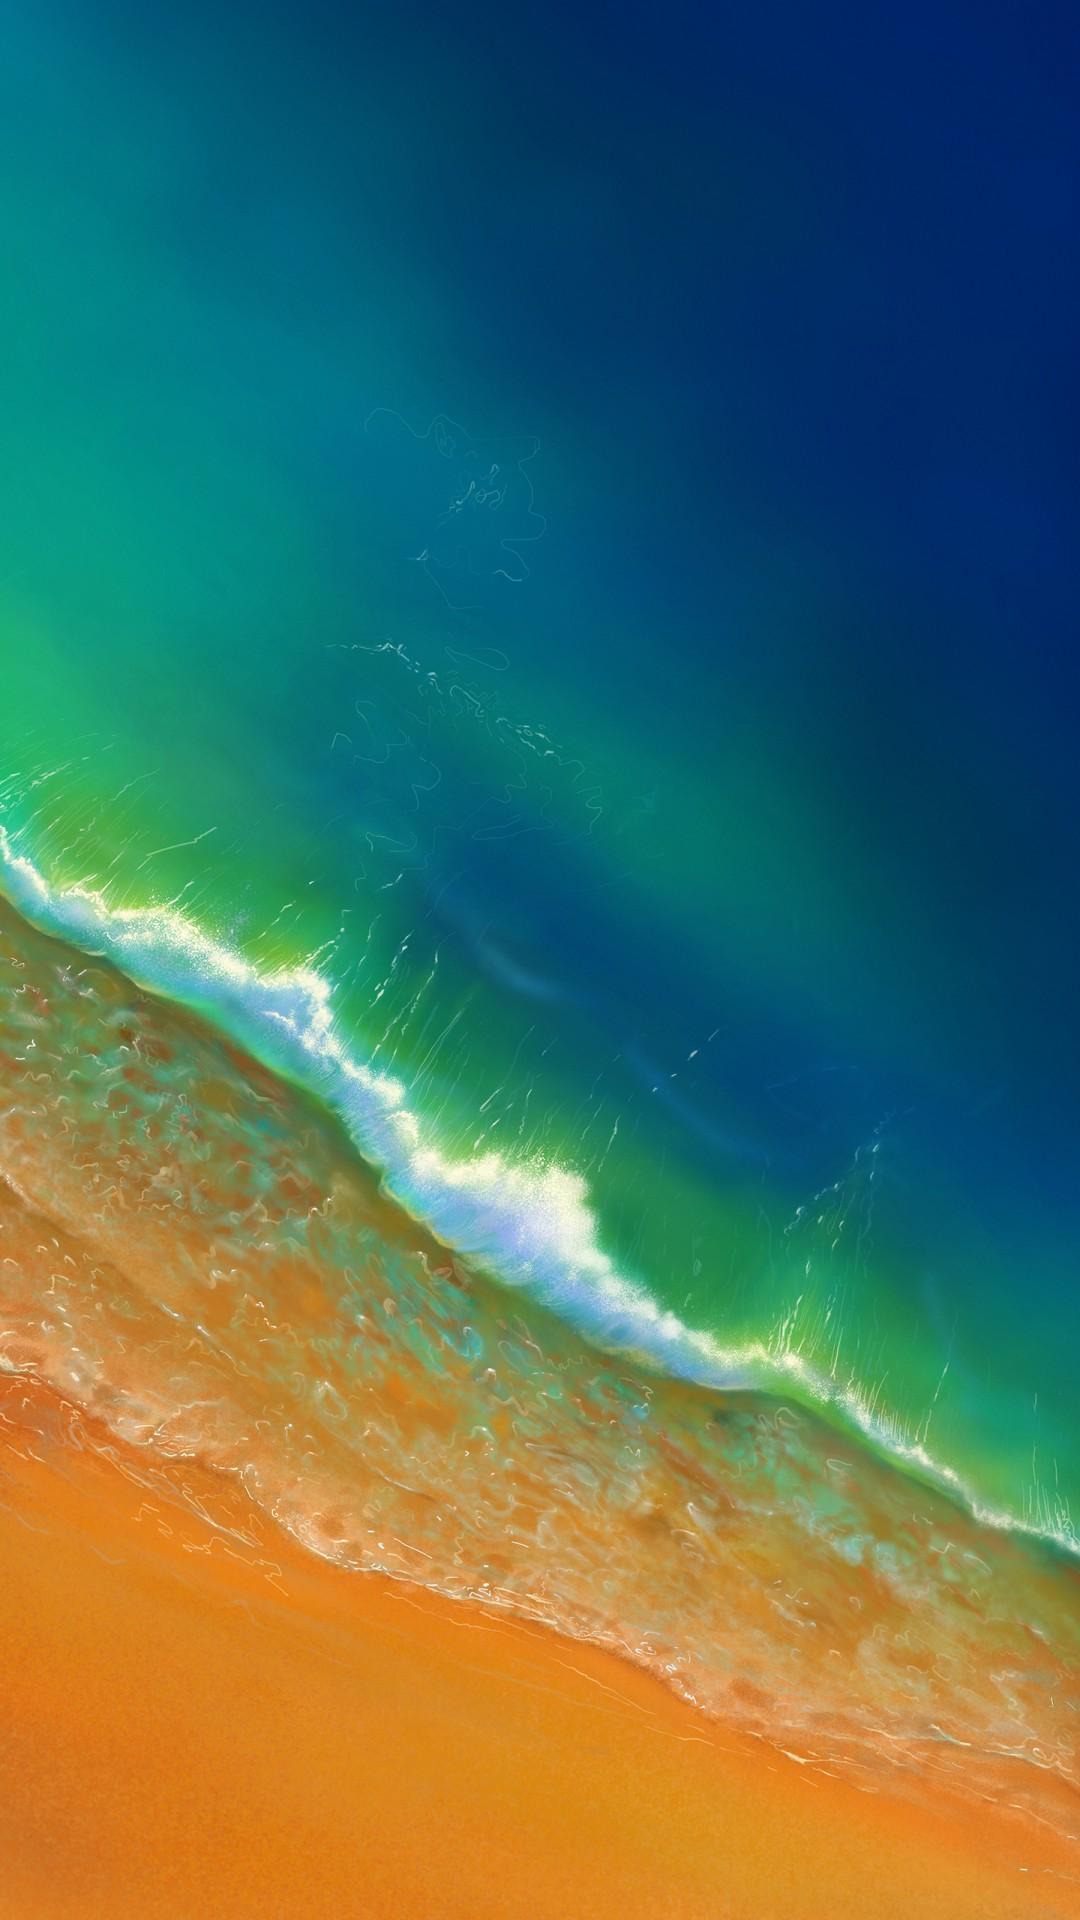 Iphone 7 Wallpaper Hd 4k Green 1080x1920 Download Hd Wallpaper Wallpapertip